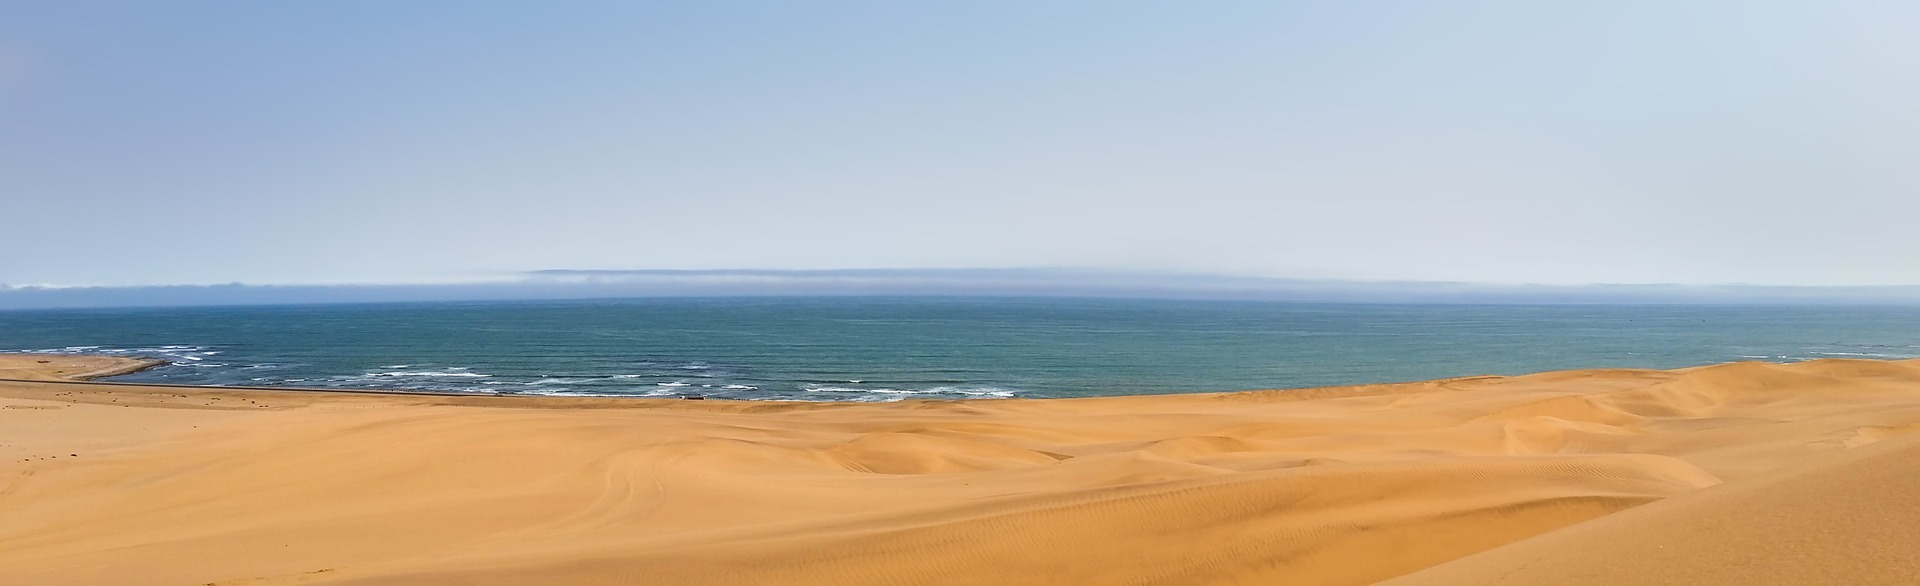 Namibia Wüste an der Küste